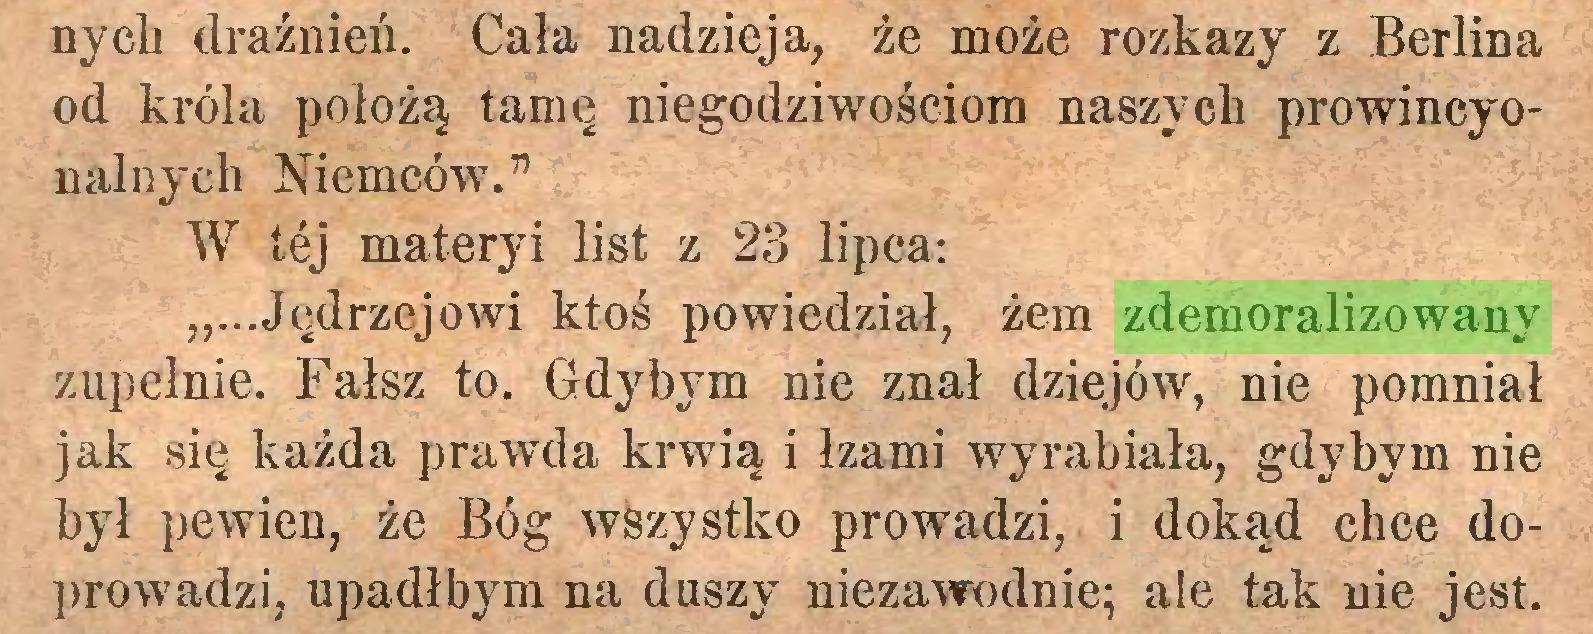 """(...) nych drażnień. Cała nadzieja, że może rozkazy z Berlina od króla położą tamę niegodziwościom naszych prowincyonalnyeh Niemców. """" W tej materyi list z 23 lipca: """"...Jędrzejowi ktoś powiedział, żem zdemoralizowany zupełnie. Fałsz to. Gdybym nie znał dziejów, nie pomniał jak się każda prawda krwią i łzami wyrabiała, gdybym nie był pewien, że Bóg wszystko prowadzi, i dokąd chce doprowadzi, upadłbym na duszy niezawodnie; ale tak nie jest..."""